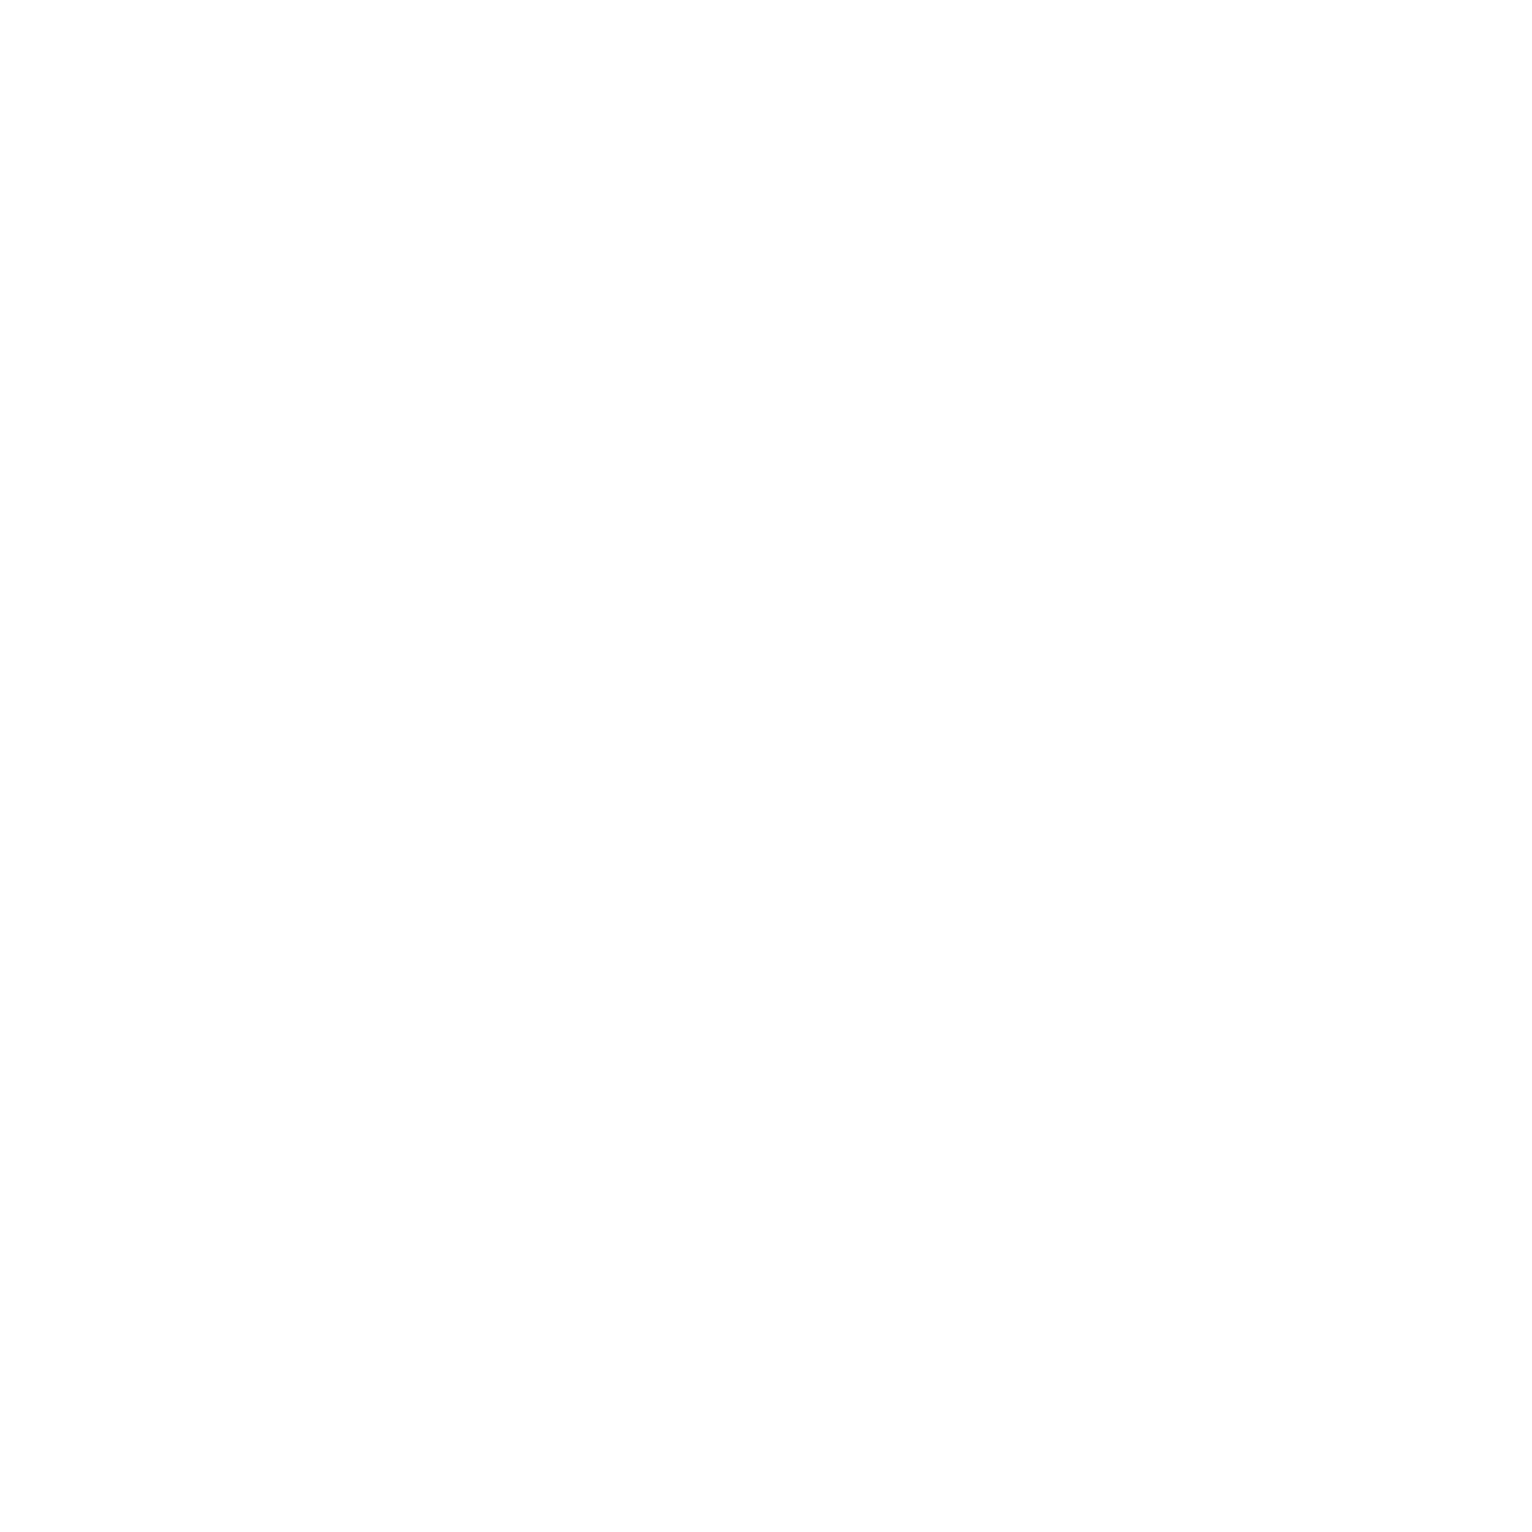 Icon - White